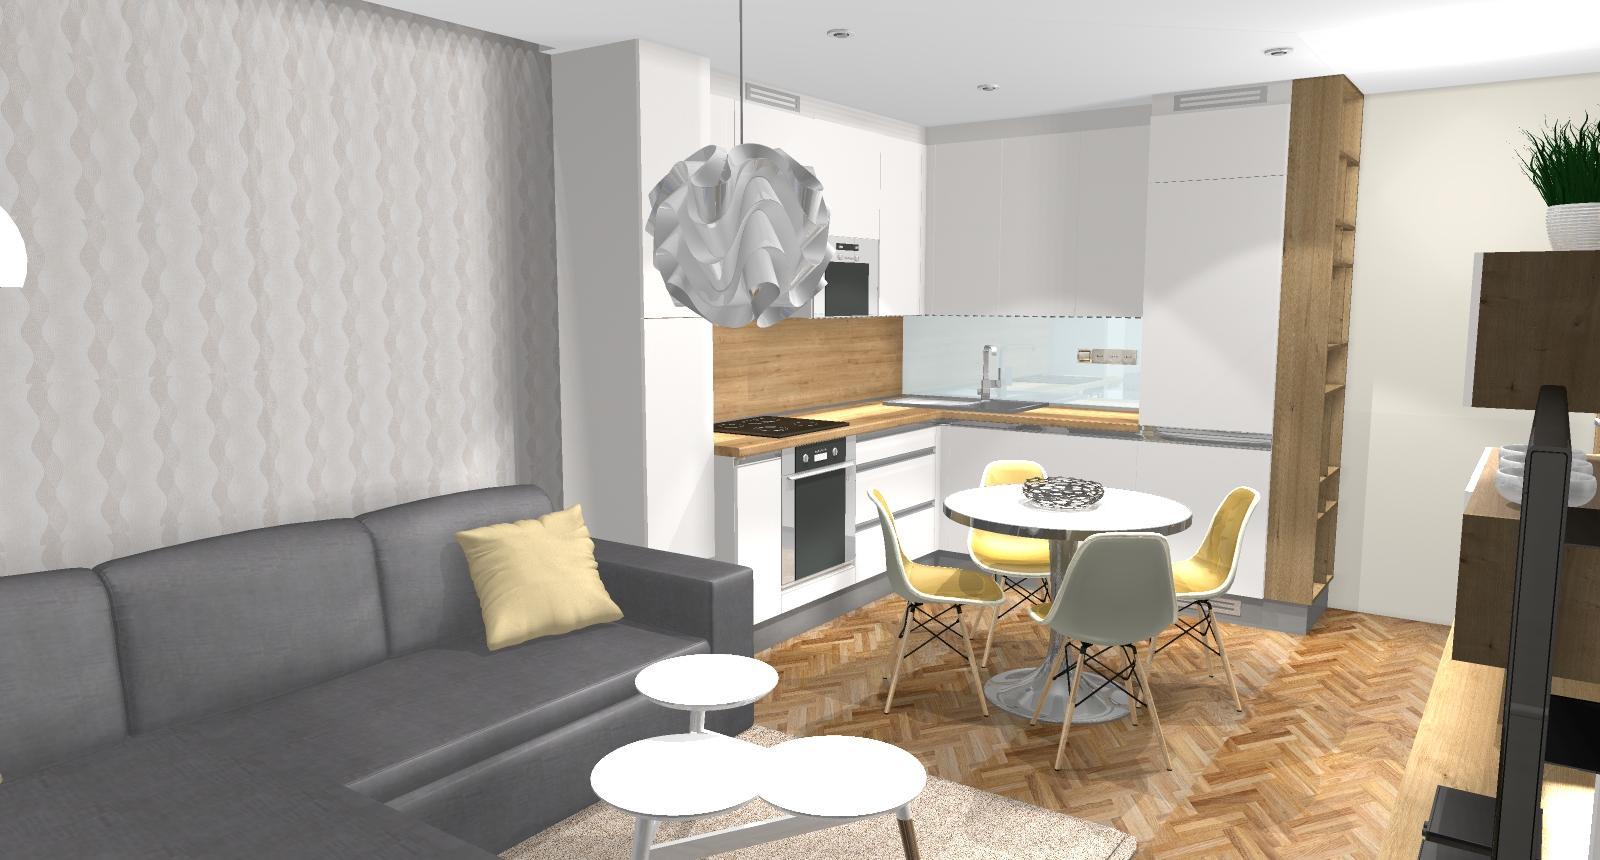 Grafické návrhy bytov - Zariadenie dvojizbového bytu vo Zvolene na Zlatom potoku, ktorý sa prerobí na trojizbový - kuchyňa+obývačka - obr.1